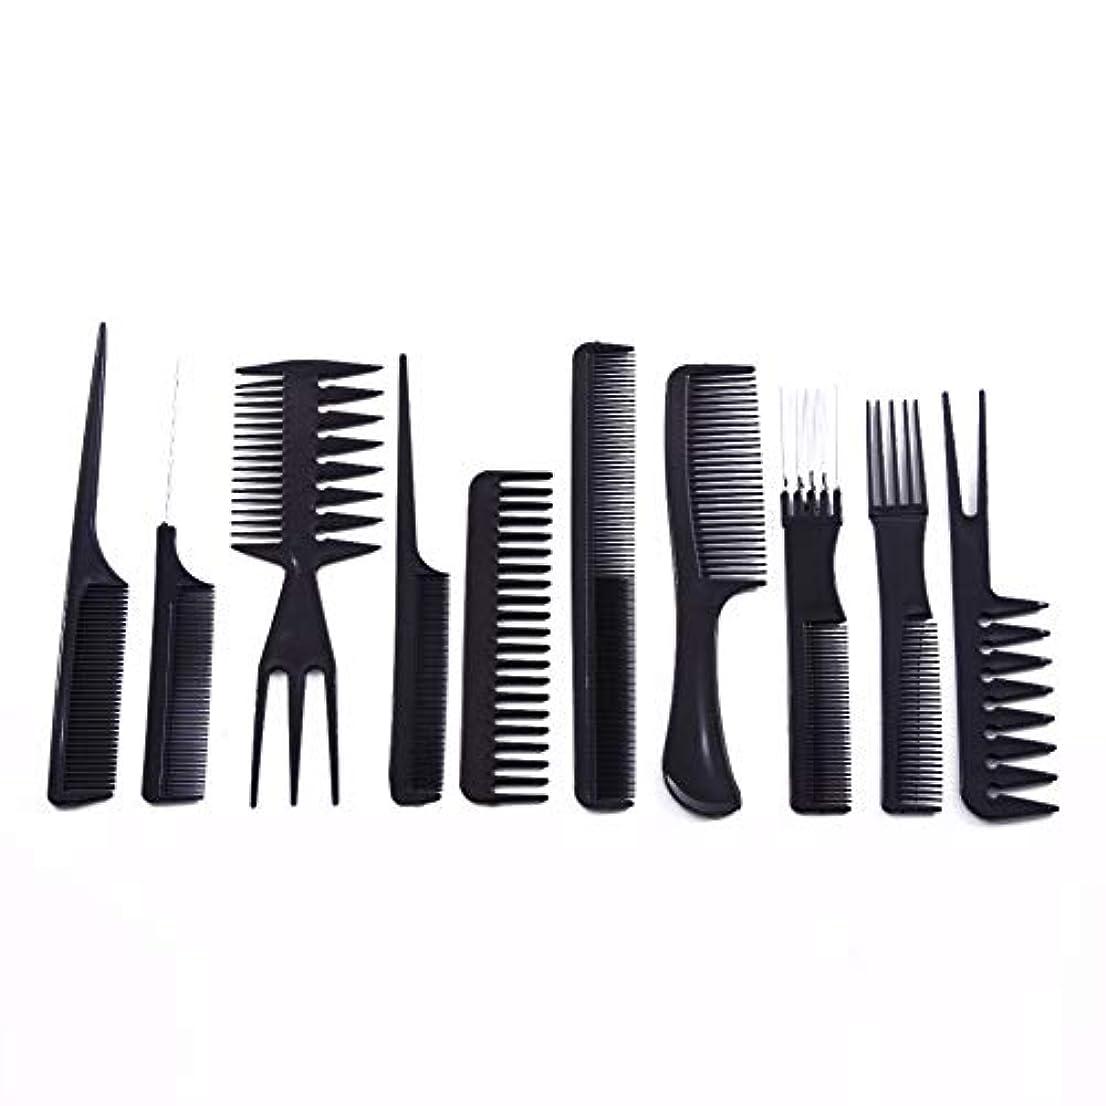 細部雄弁家クランプ10ピース/セットプロのヘアブラシ櫛サロン理容帯電防止ヘアコームヘアケアスタイリングツール用すべての髪タイプ